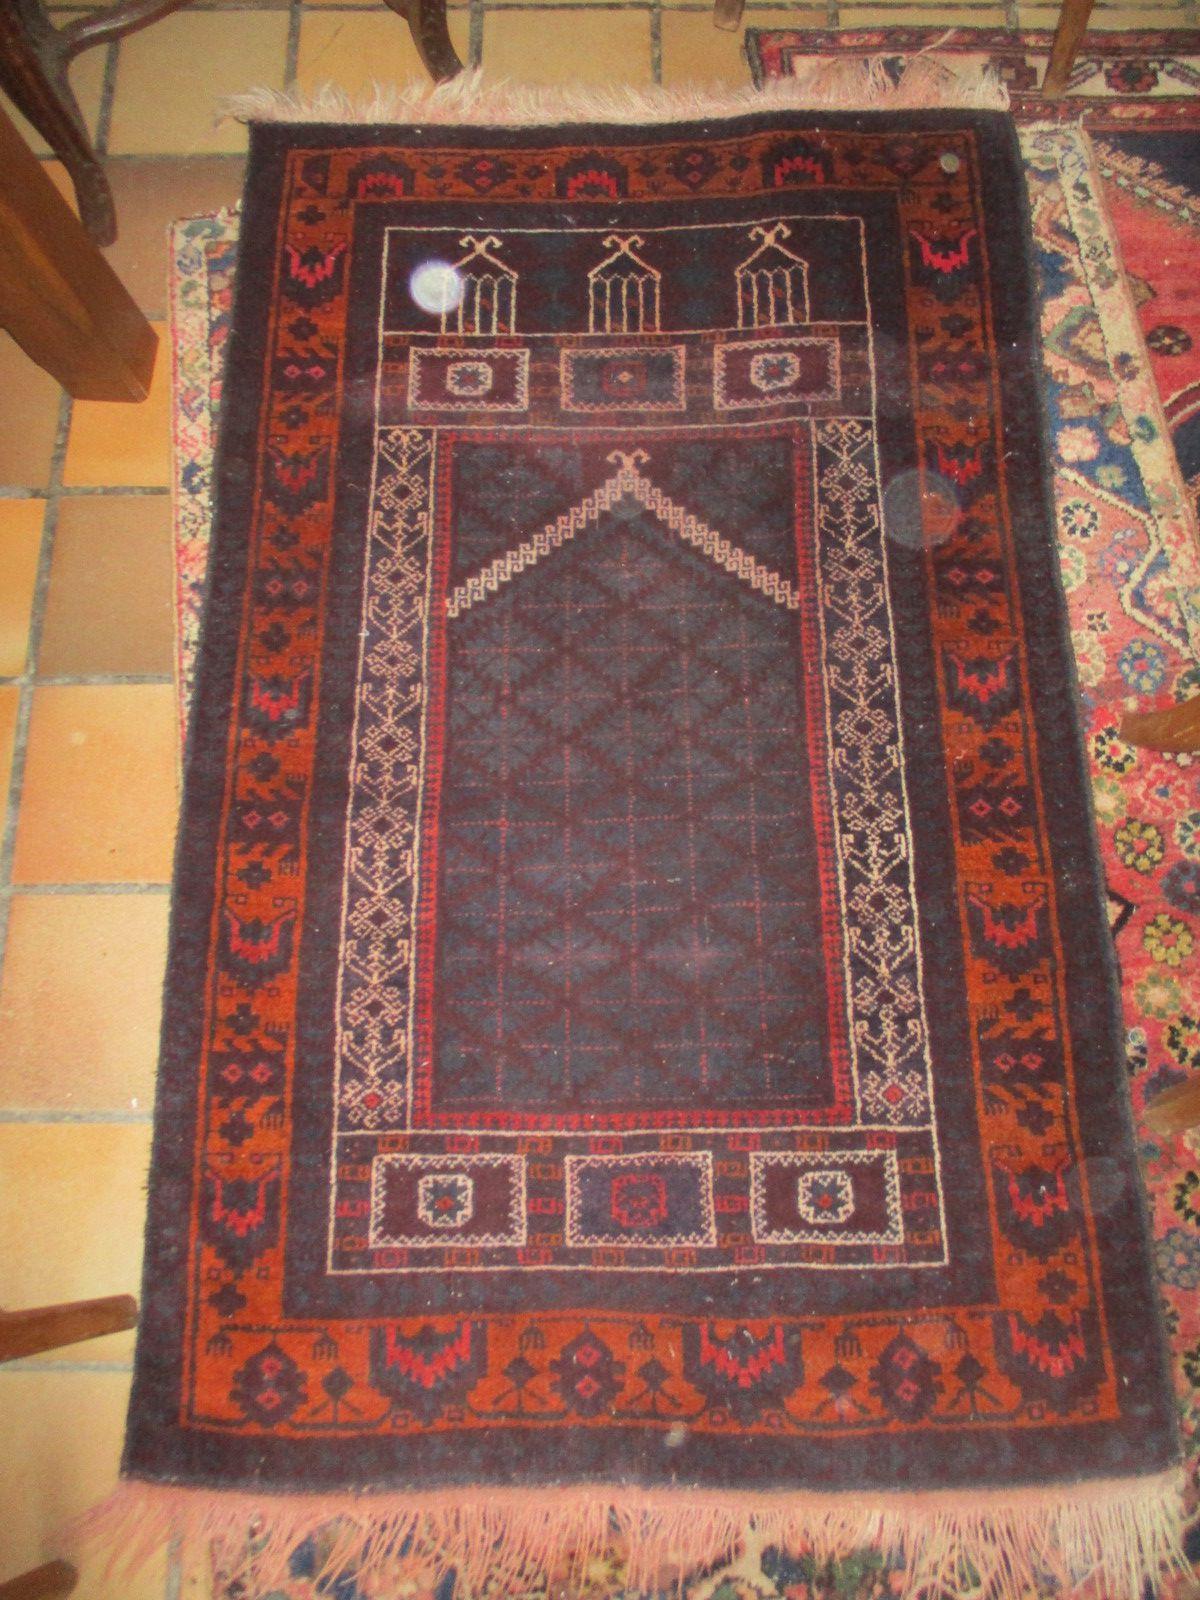 tapis iran ancien fait mains bon etat de 149x90 cm en laine prix 85€ tres beau tapis encien bon etat  +port colissimo  13,50€